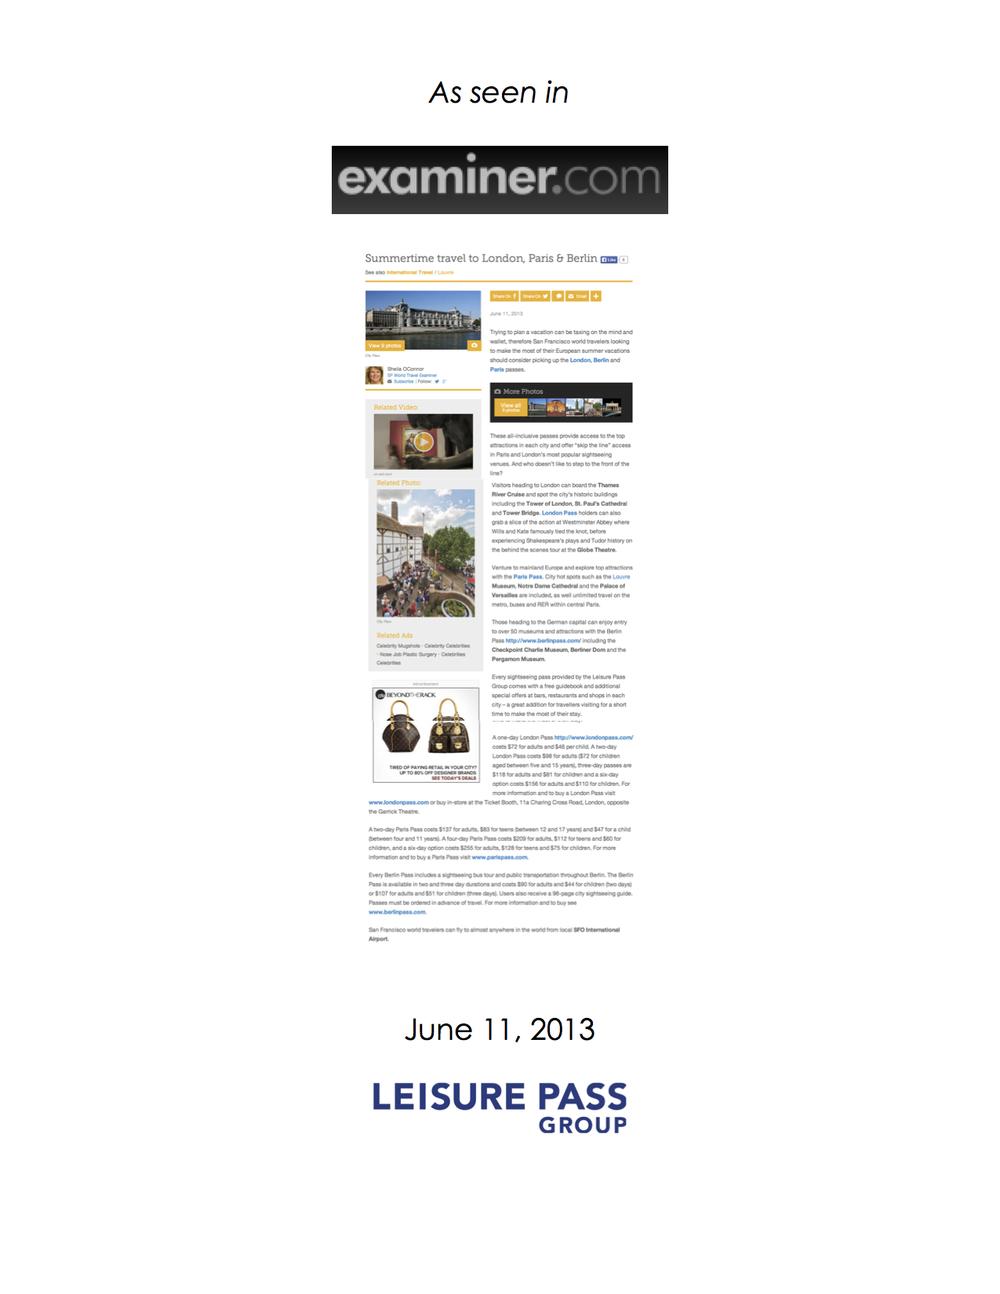 lpg-examiner.jpg